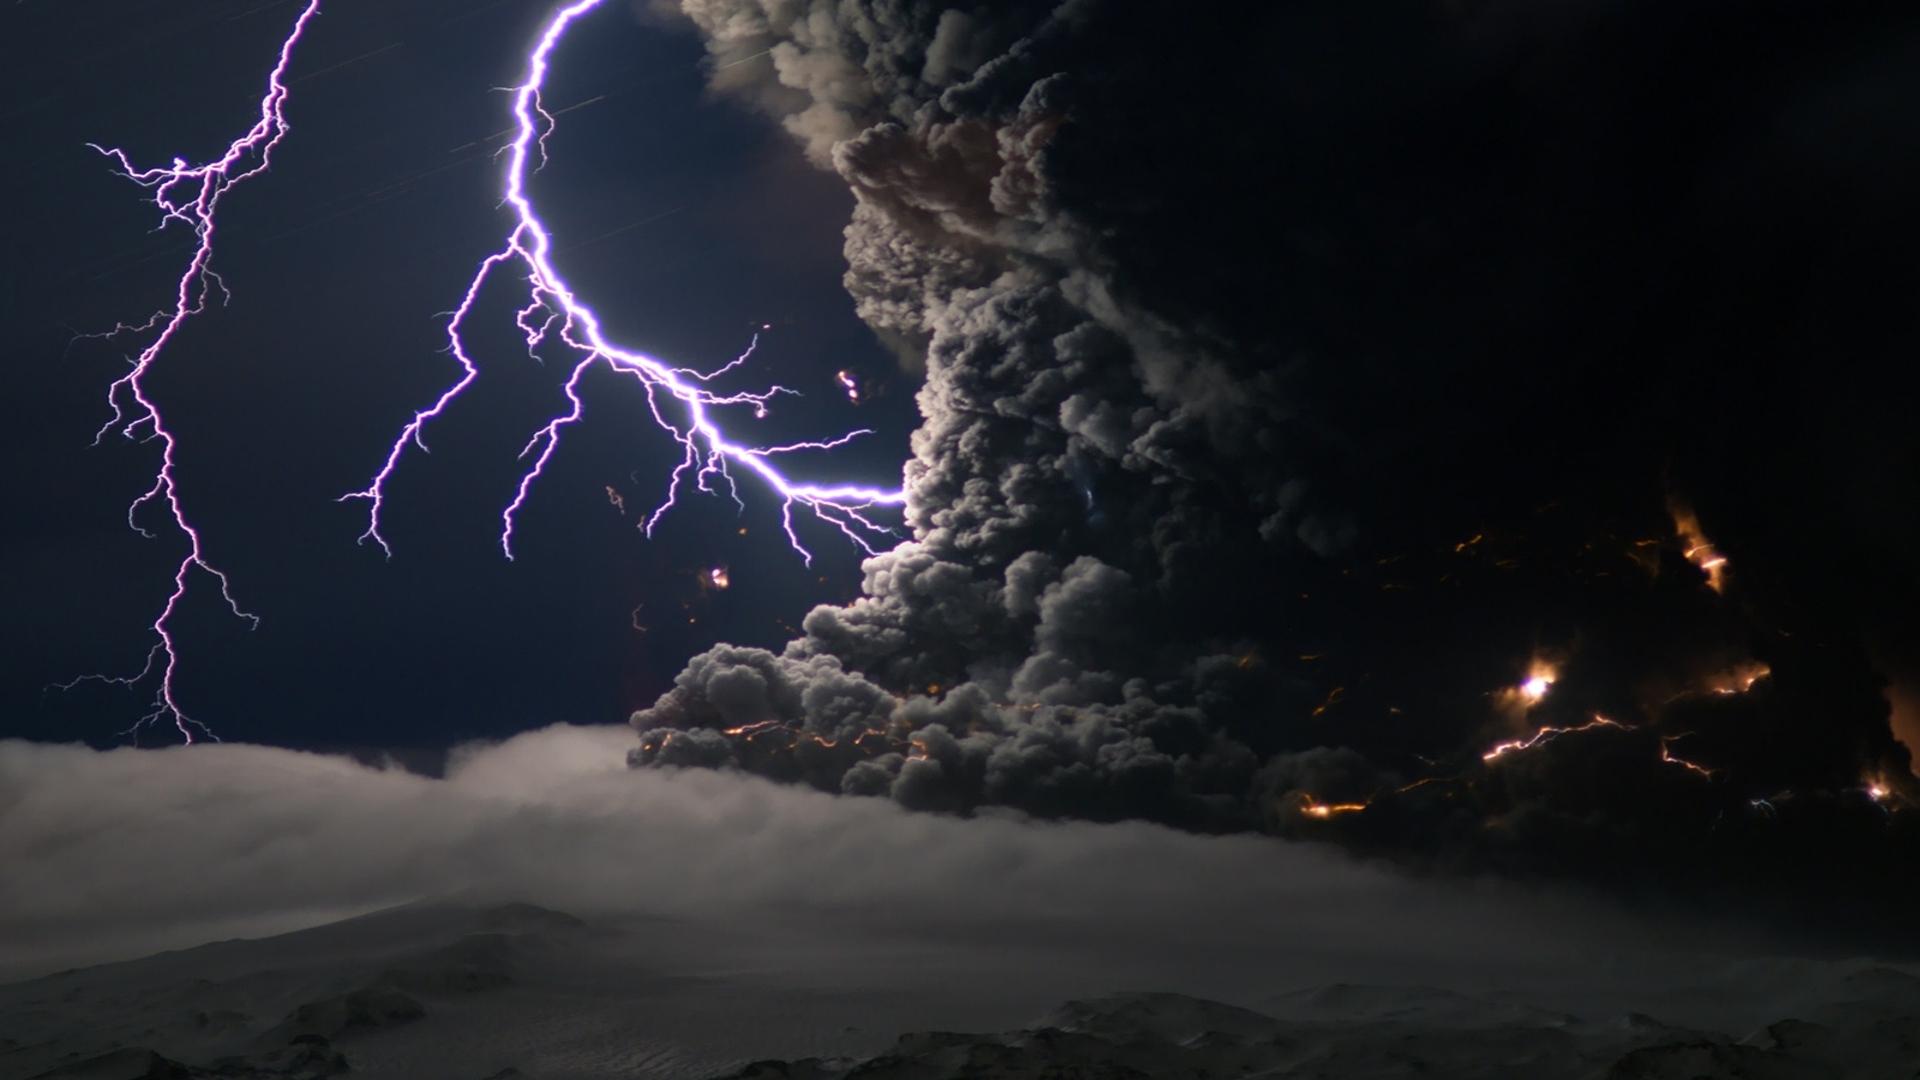 Sfondi bellissimi hd fulmini e tempesta sfondi hd gratis for Sfondi spazio full hd